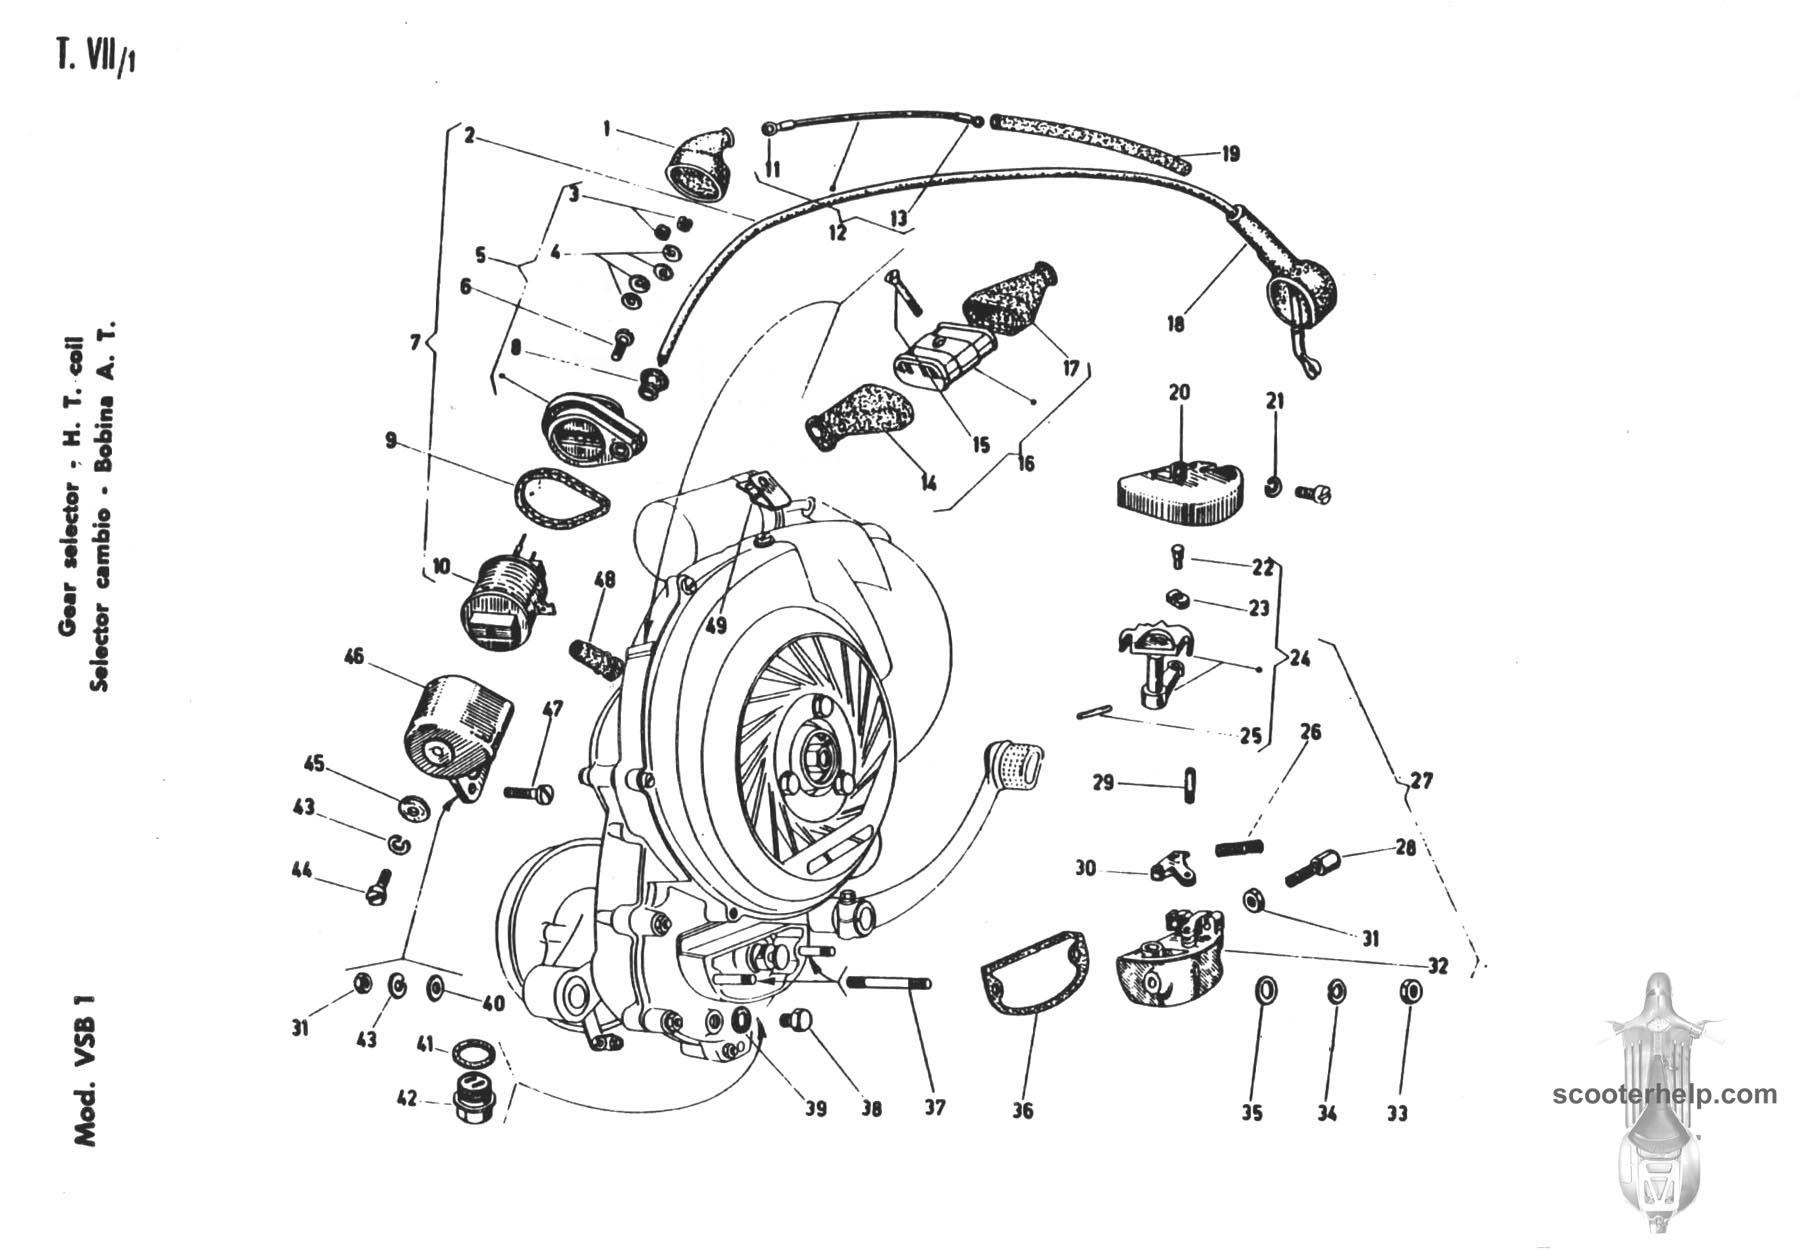 [GS160] quelques questions autour de la révision du moteur